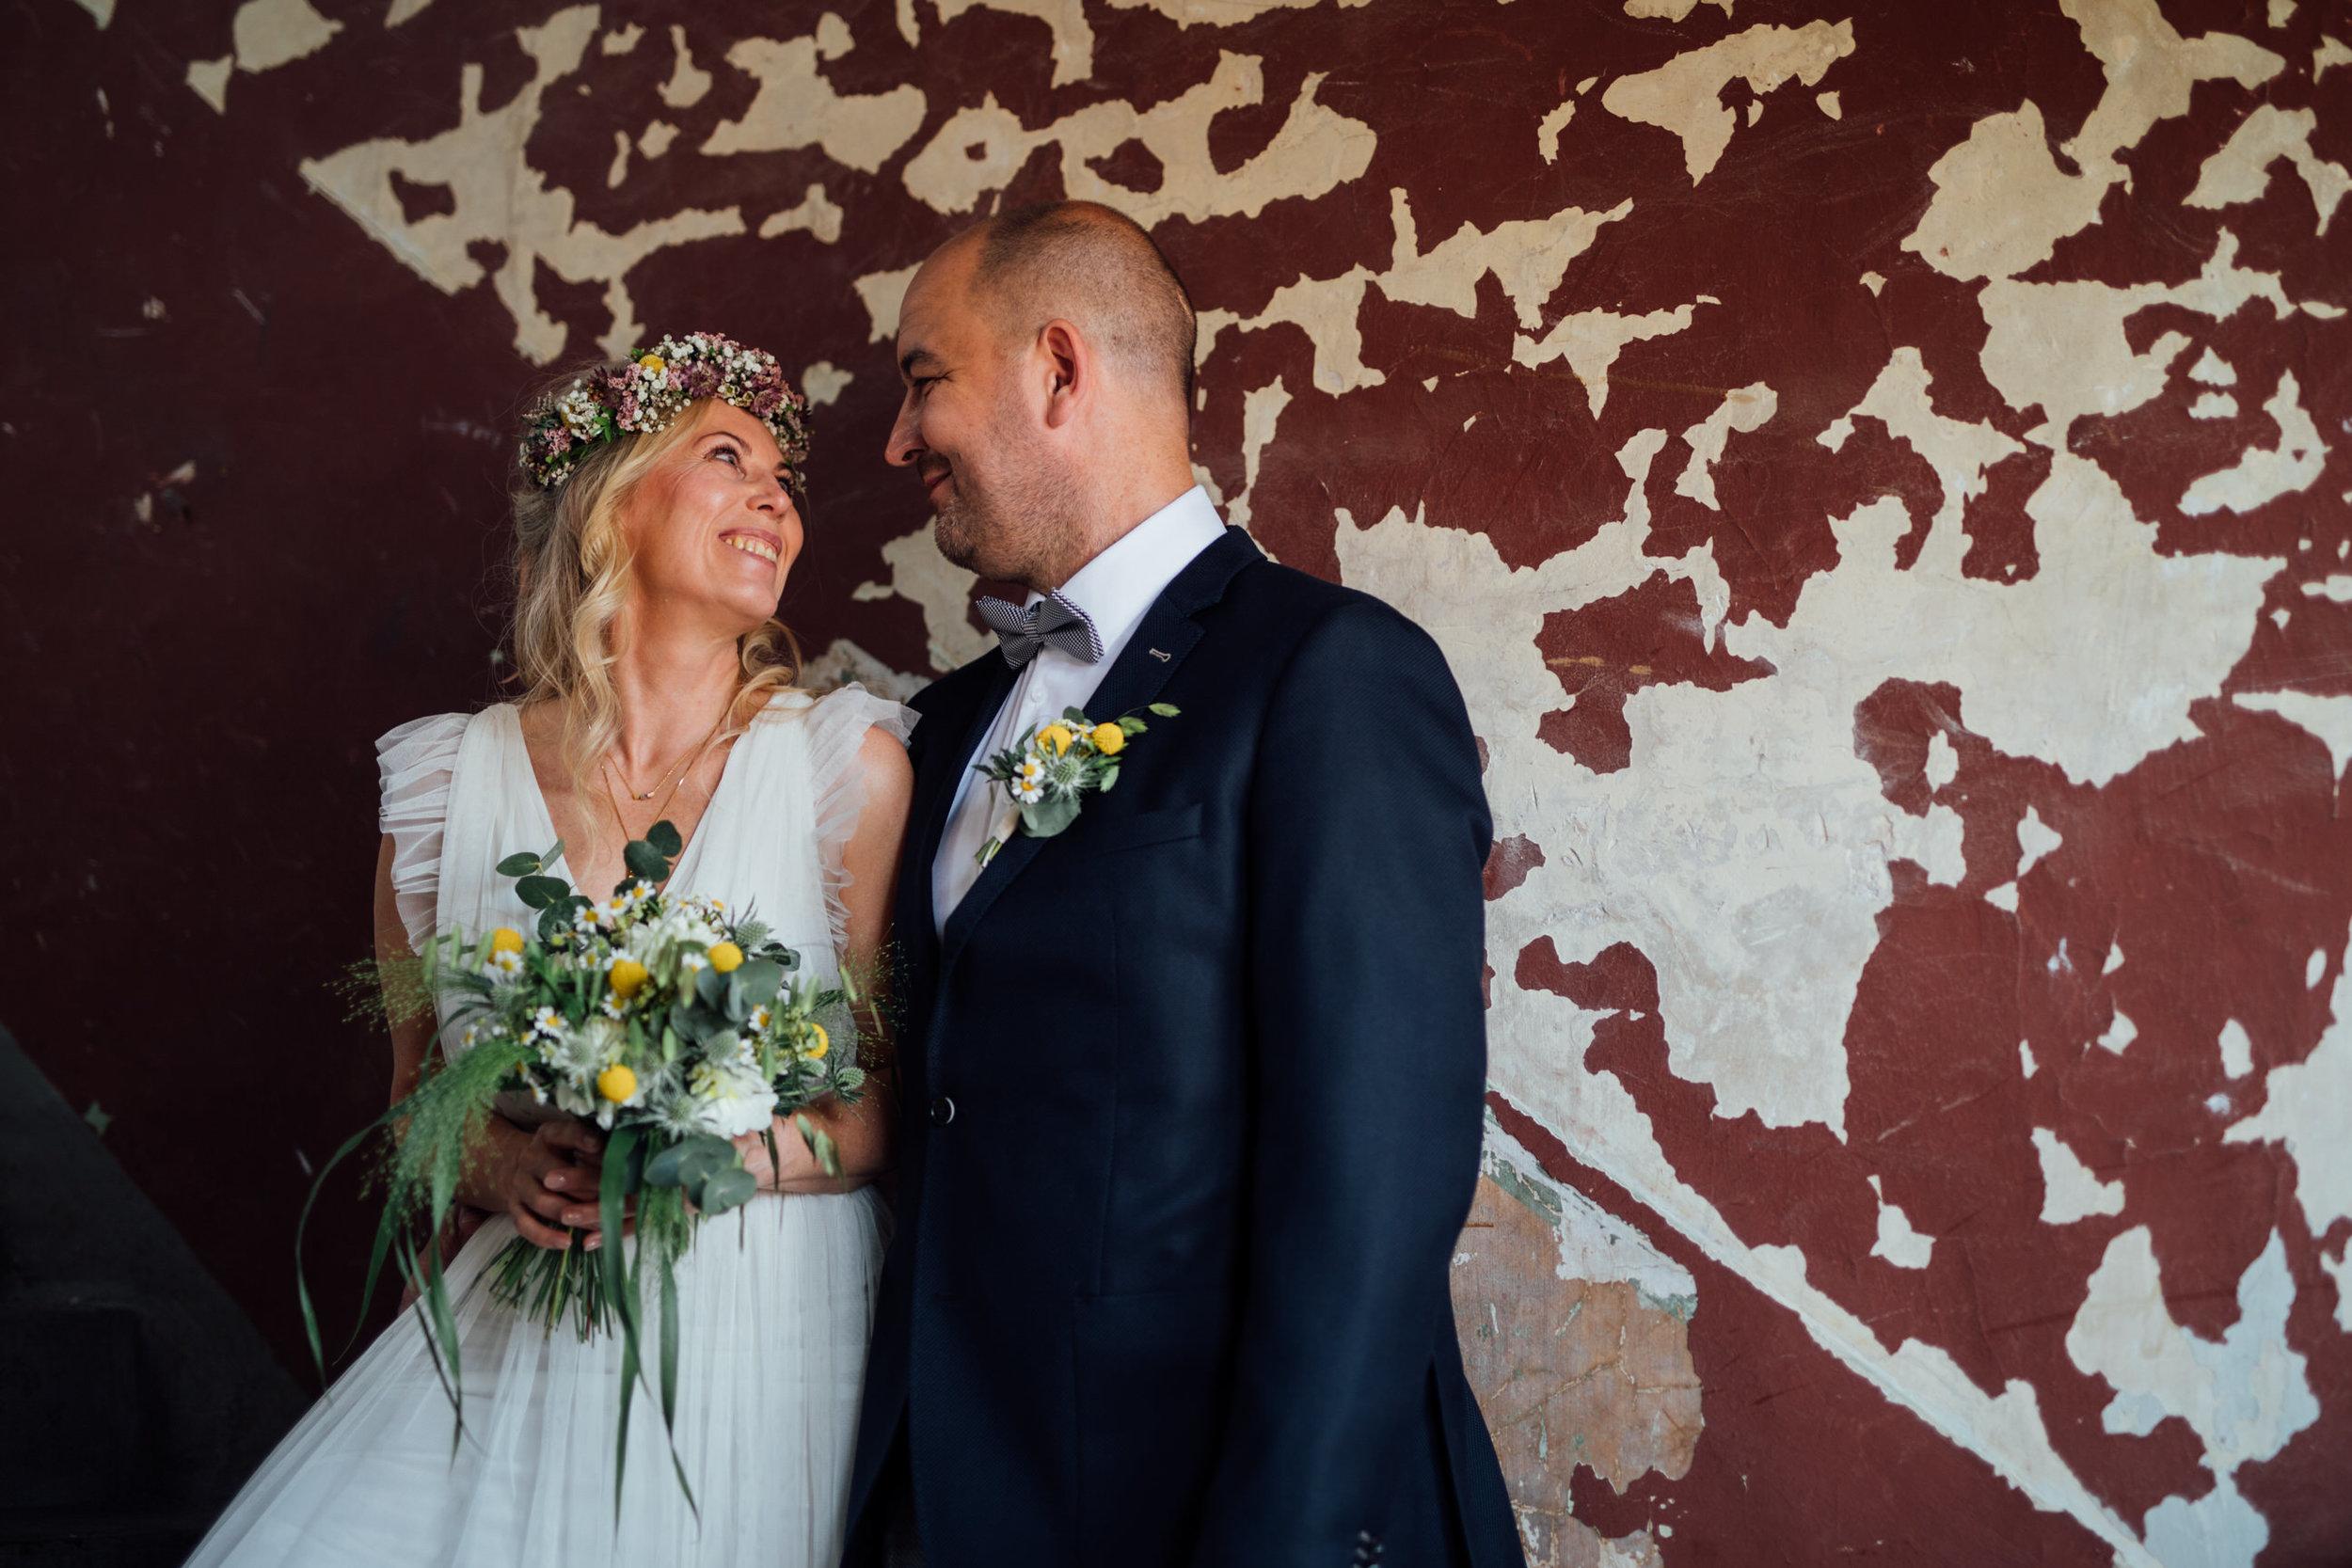 Pärchenfoto Hochzeitsportrait